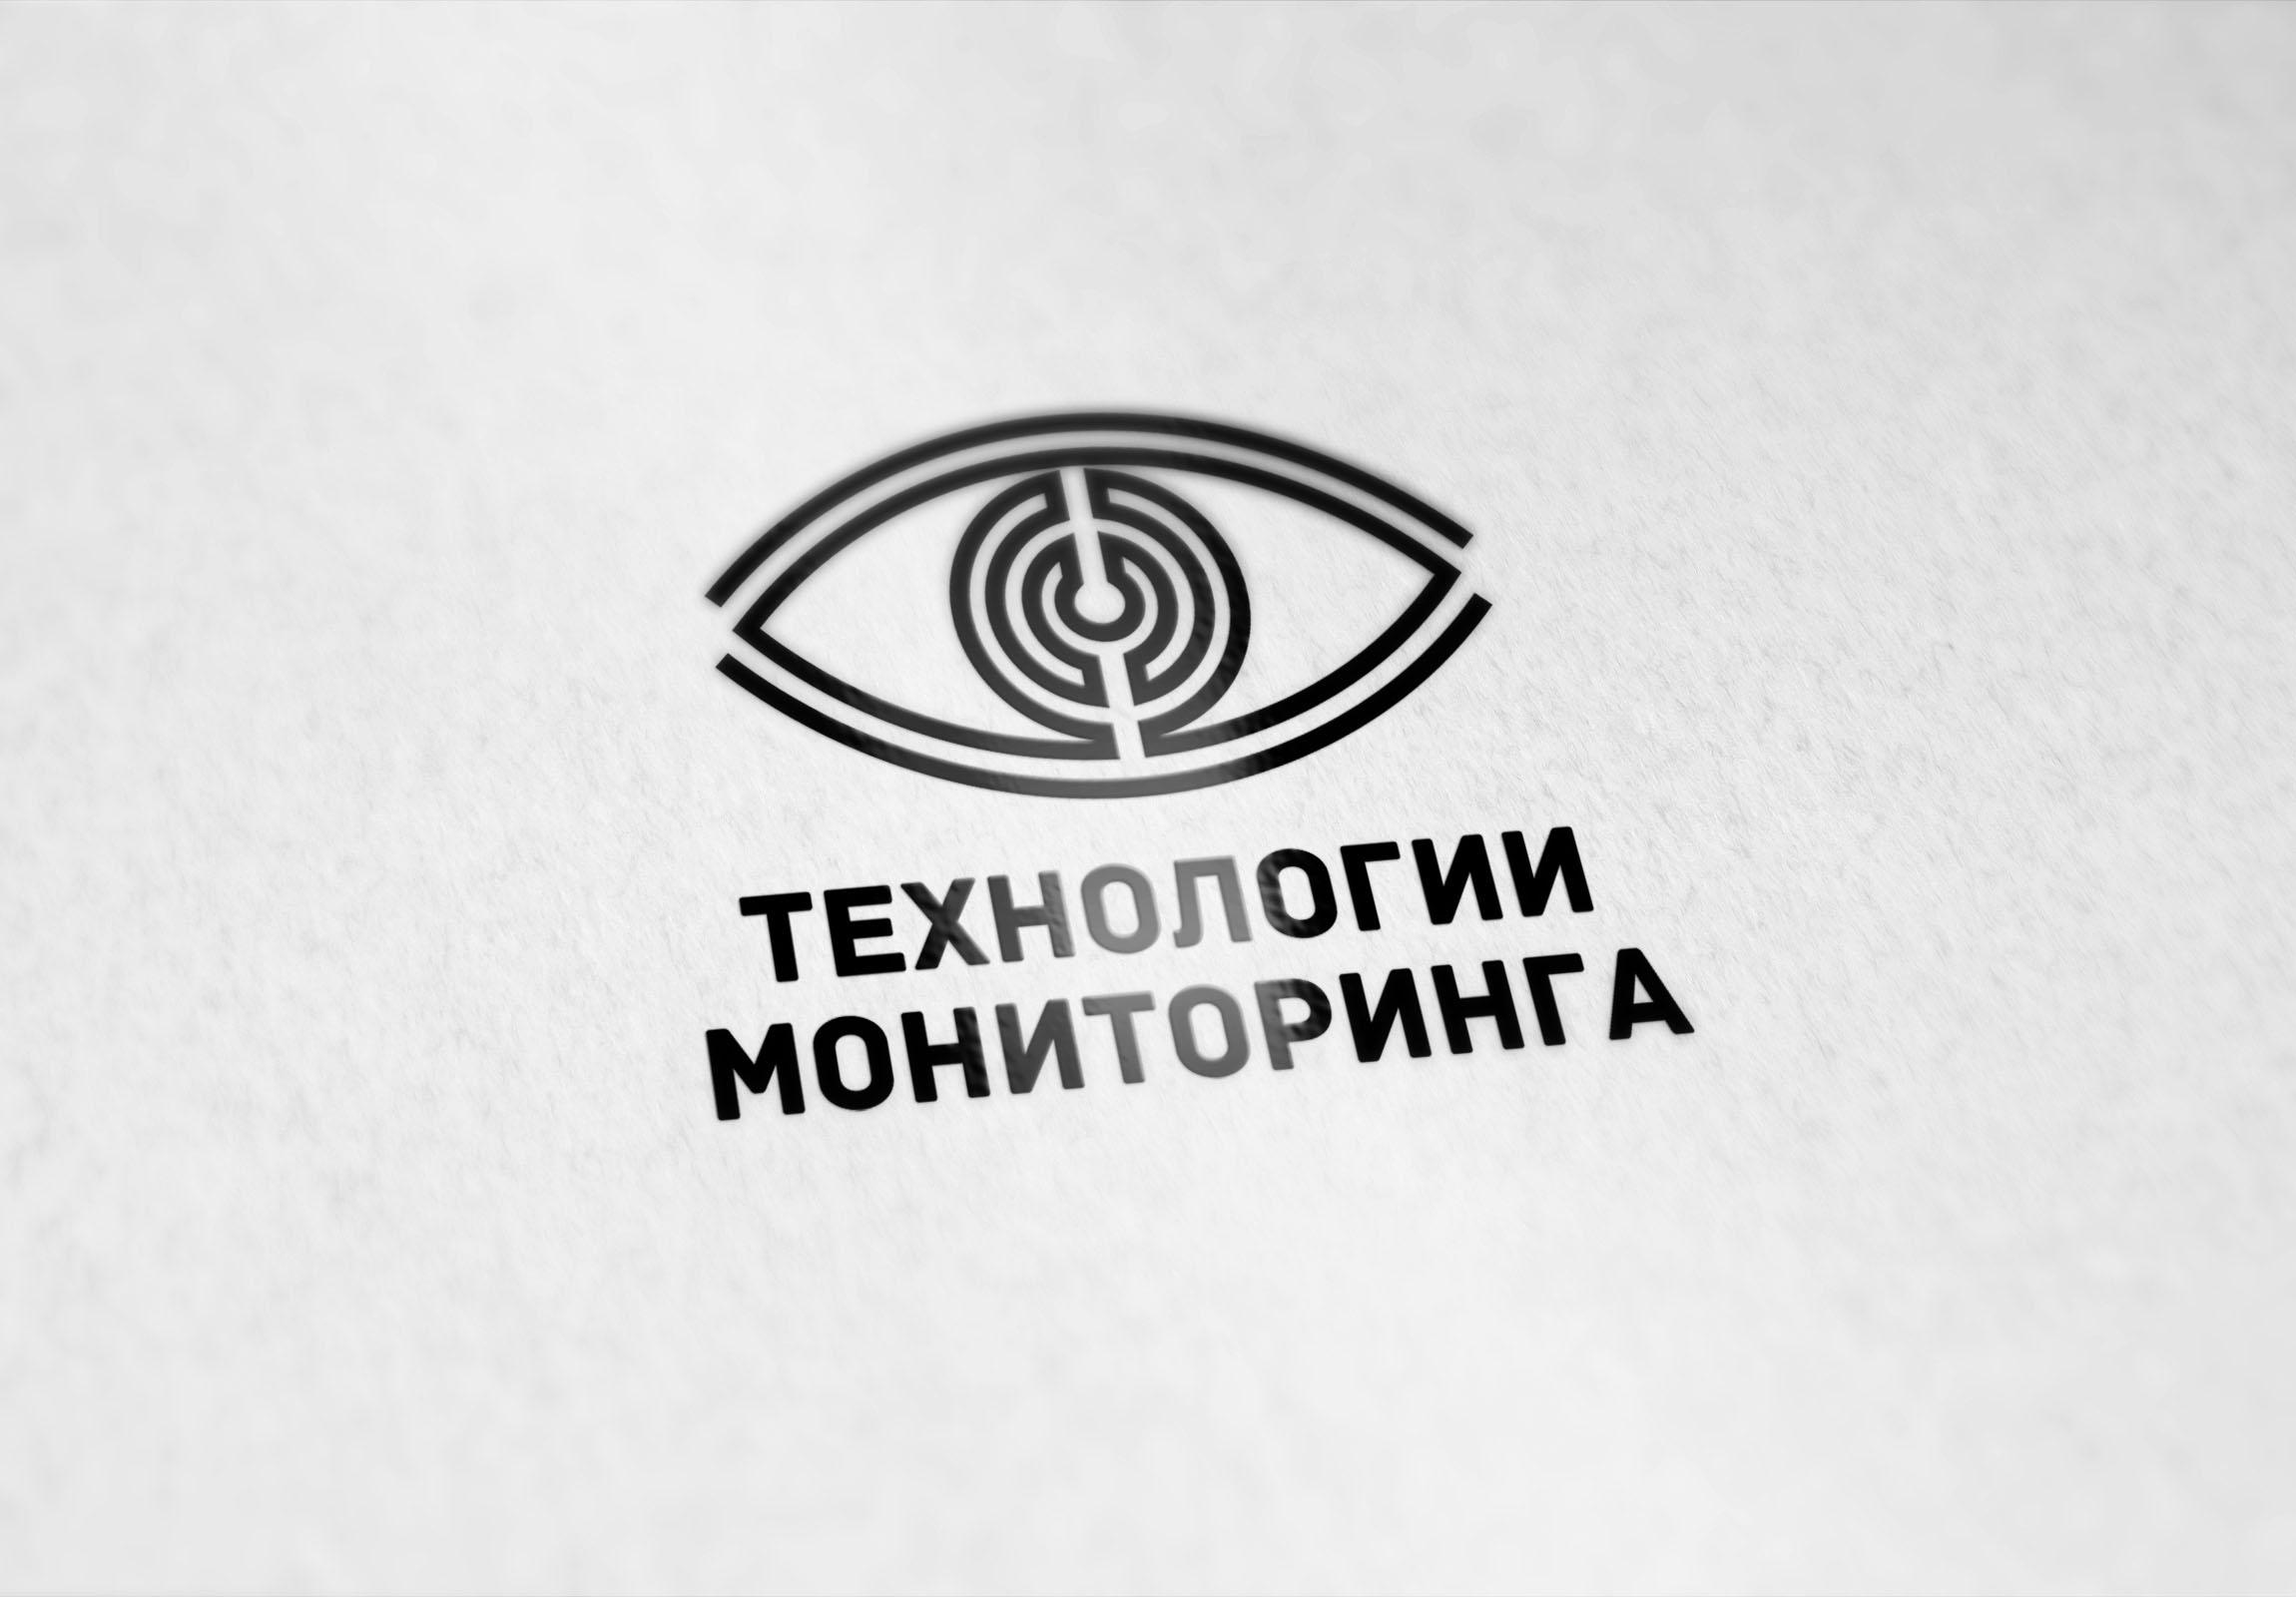 Разработка логотипа фото f_352597112a914df8.jpg